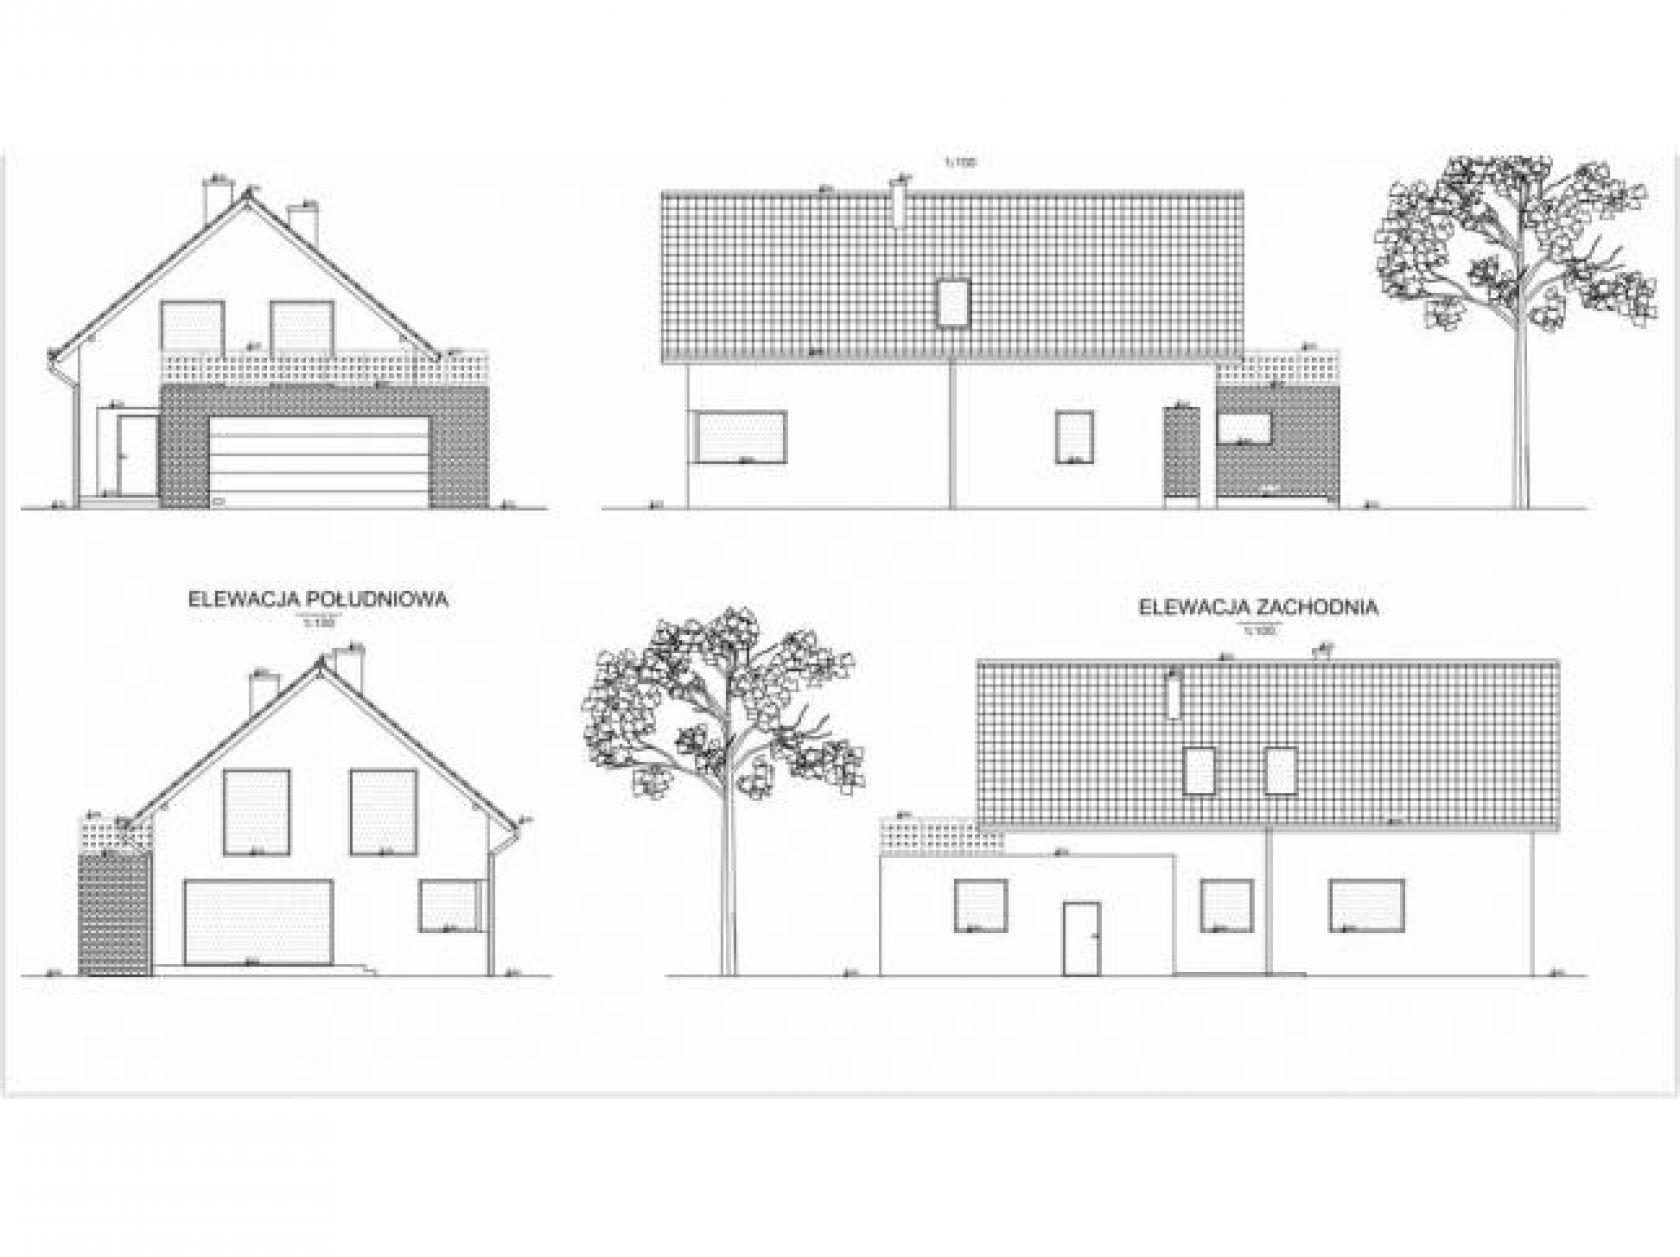 Zlecę wybudowanie domu jednorodzinnego